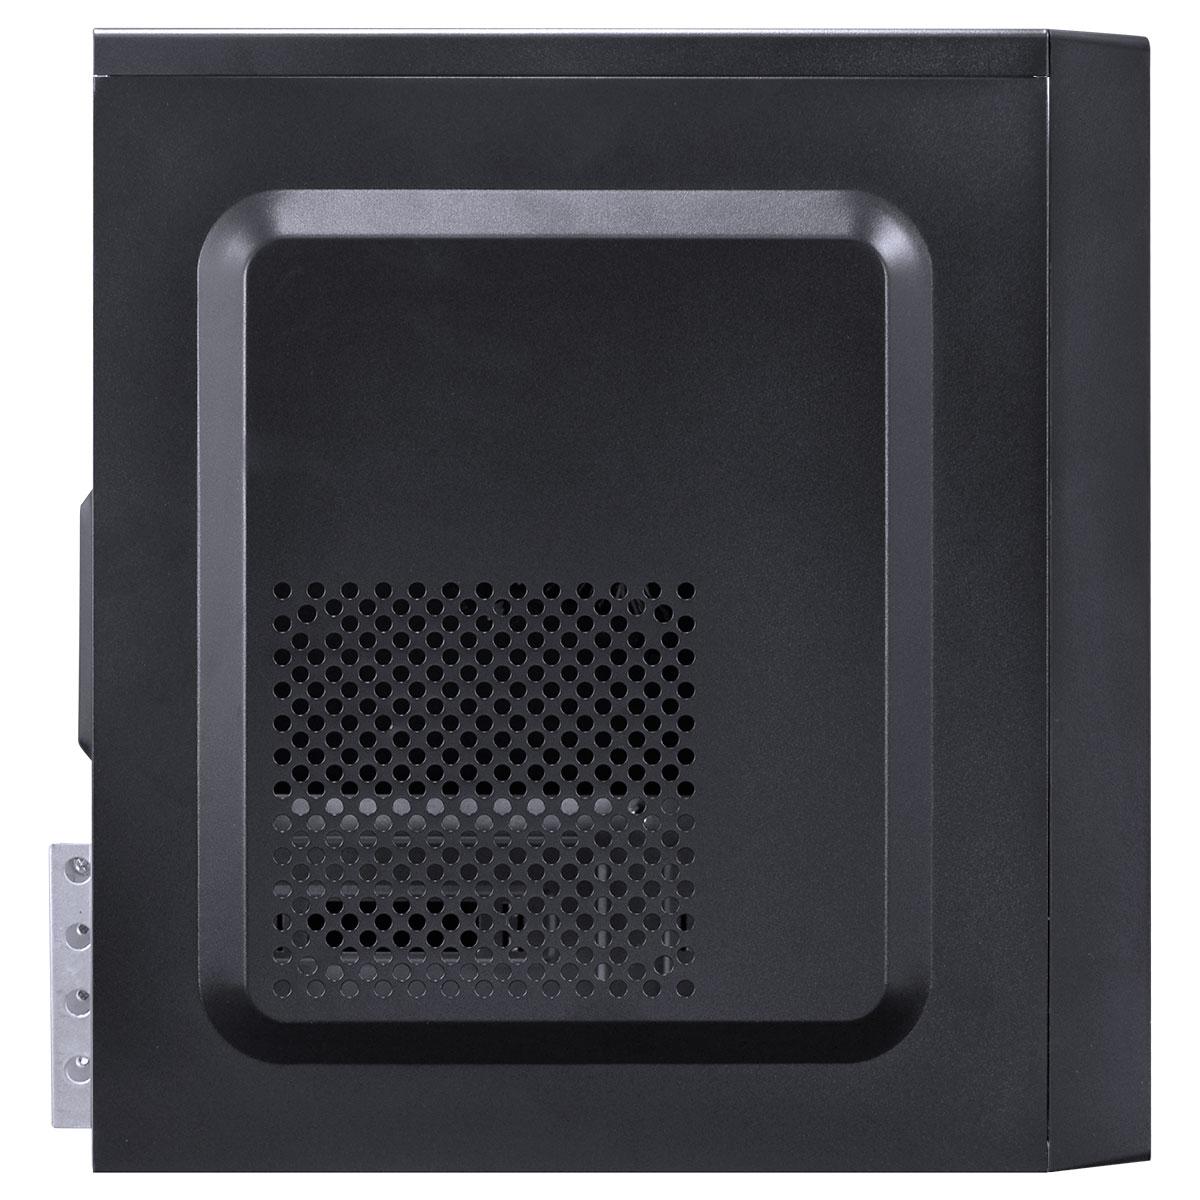 COMPUTADOR BUSINESS B300 - I3 4130 3.4GHZ MEM 8GB DDR3 HD 1TB HDMI/VGA FONTE 200W